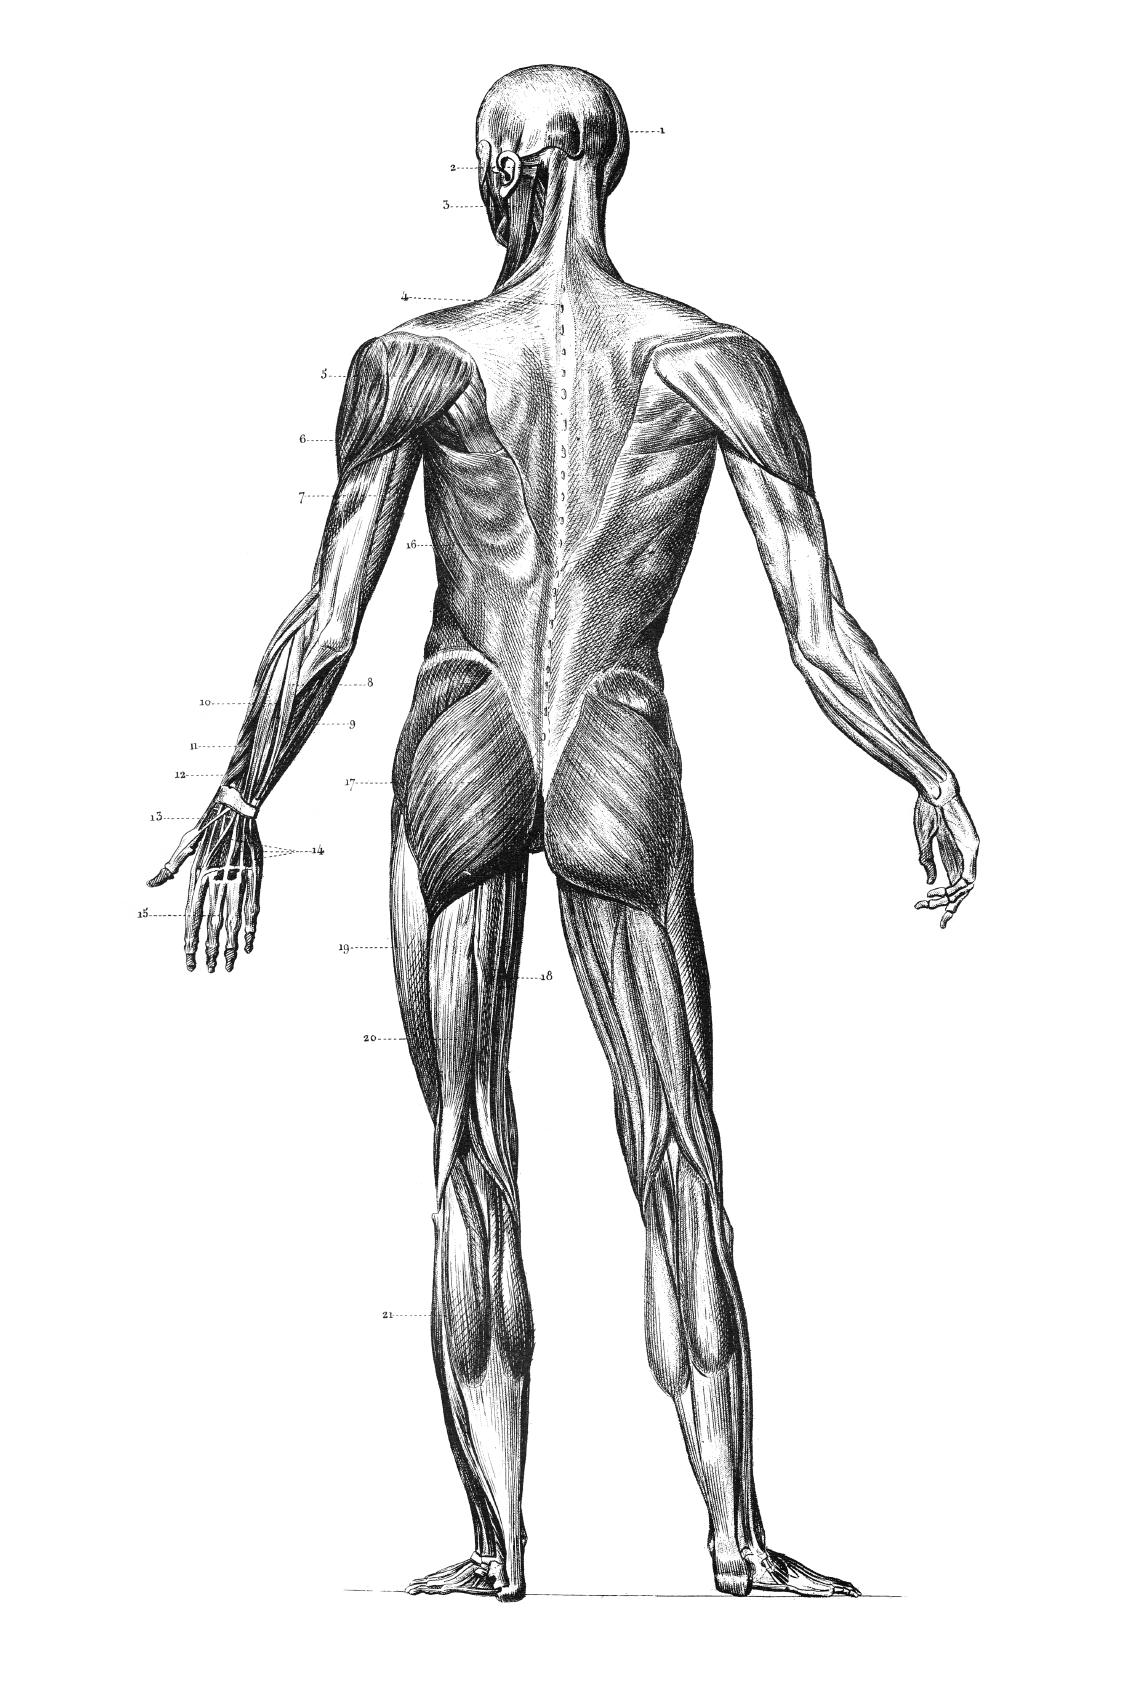 Ausgezeichnet Nieren Lage Bilder - Anatomie Ideen - finotti.info